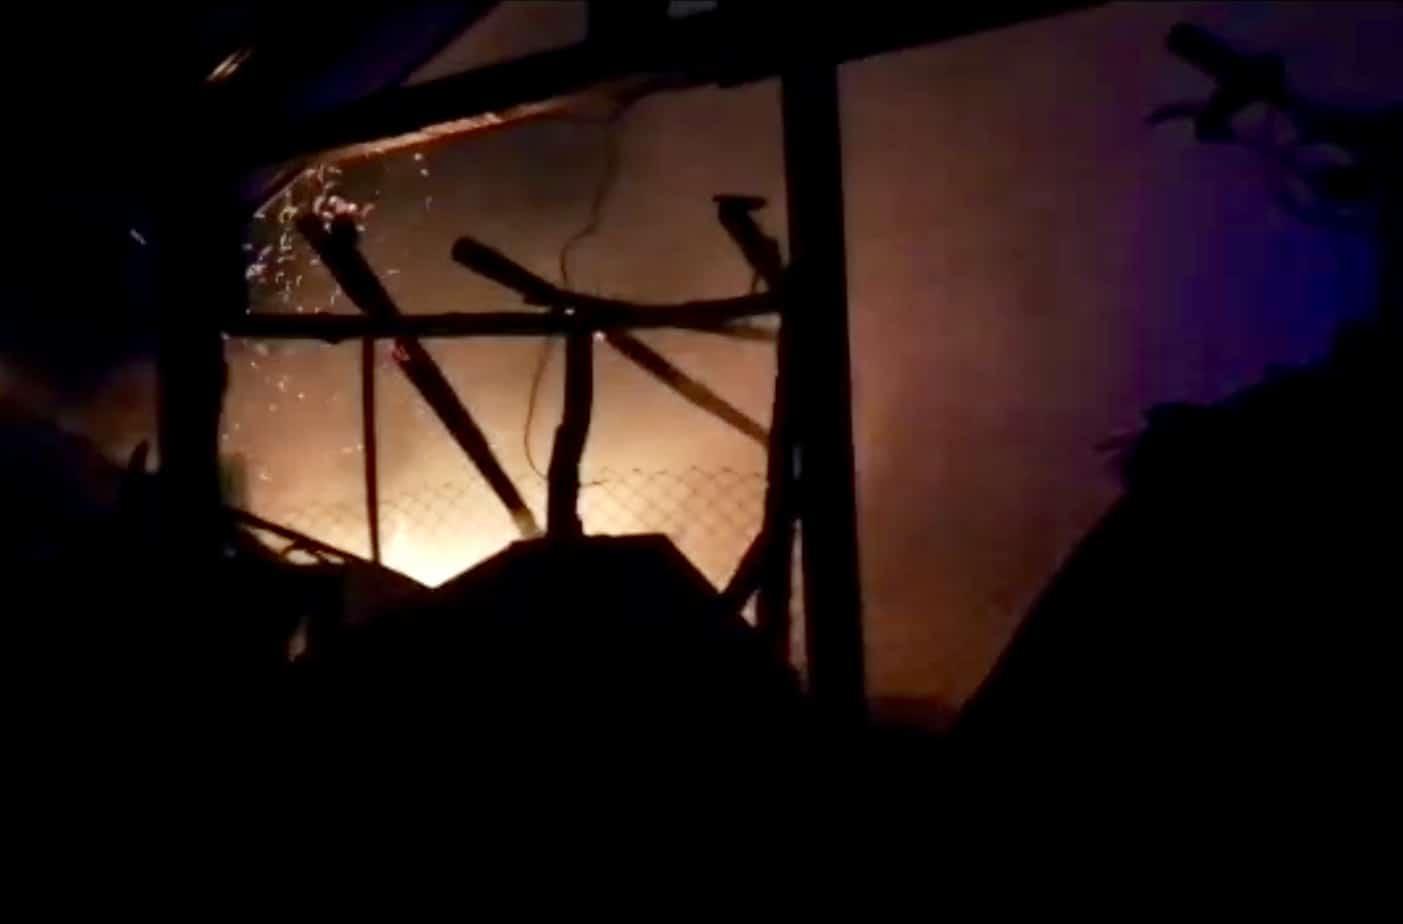 Cuatro viviendas afectadas deja incendio en Nacimiento